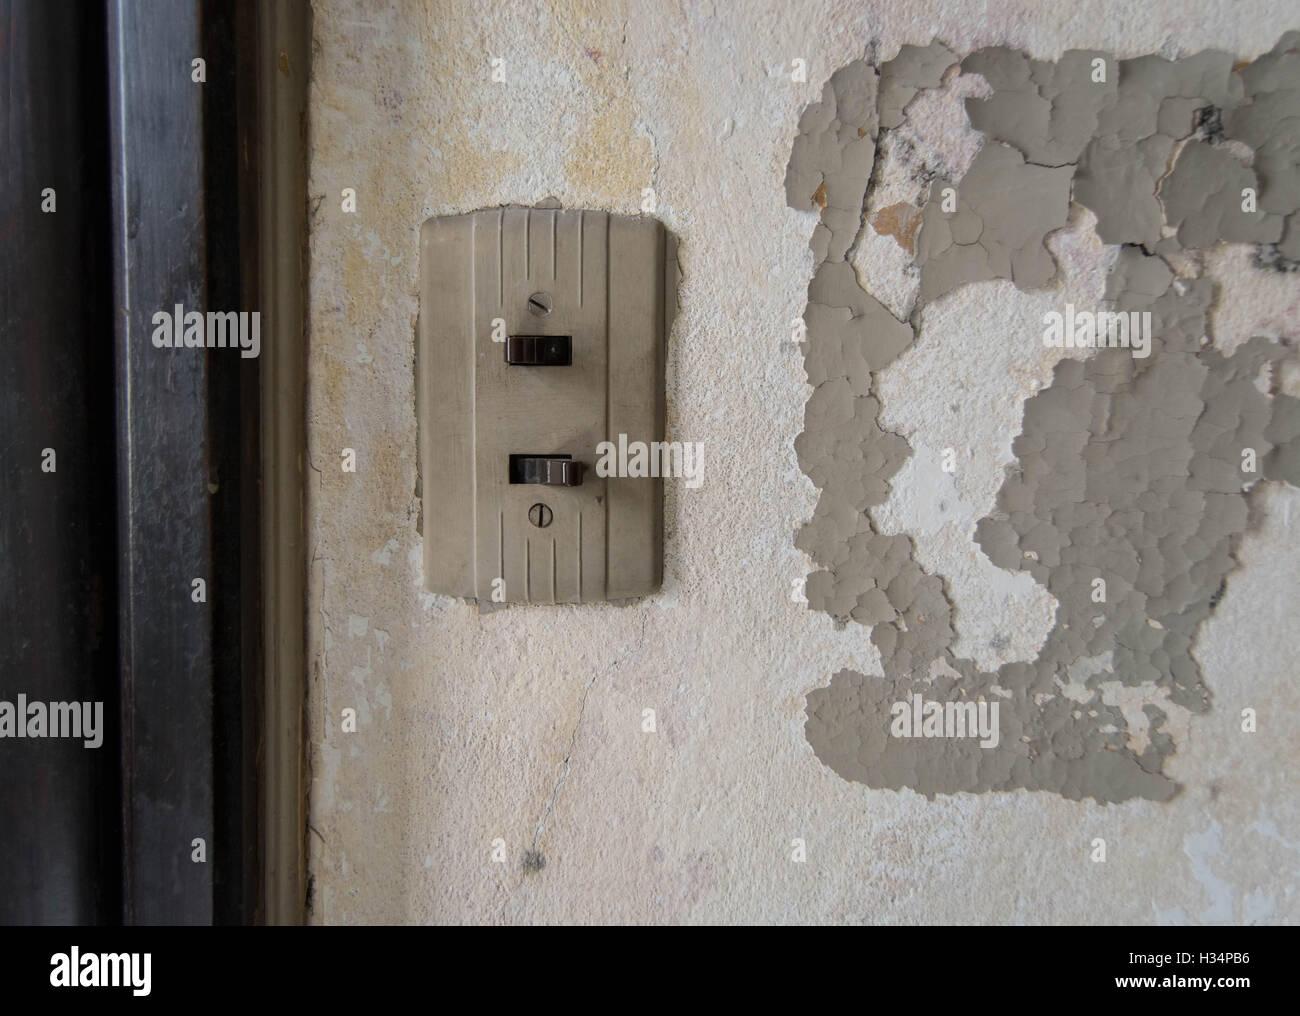 Old Switch Stockfotos & Old Switch Bilder - Alamy